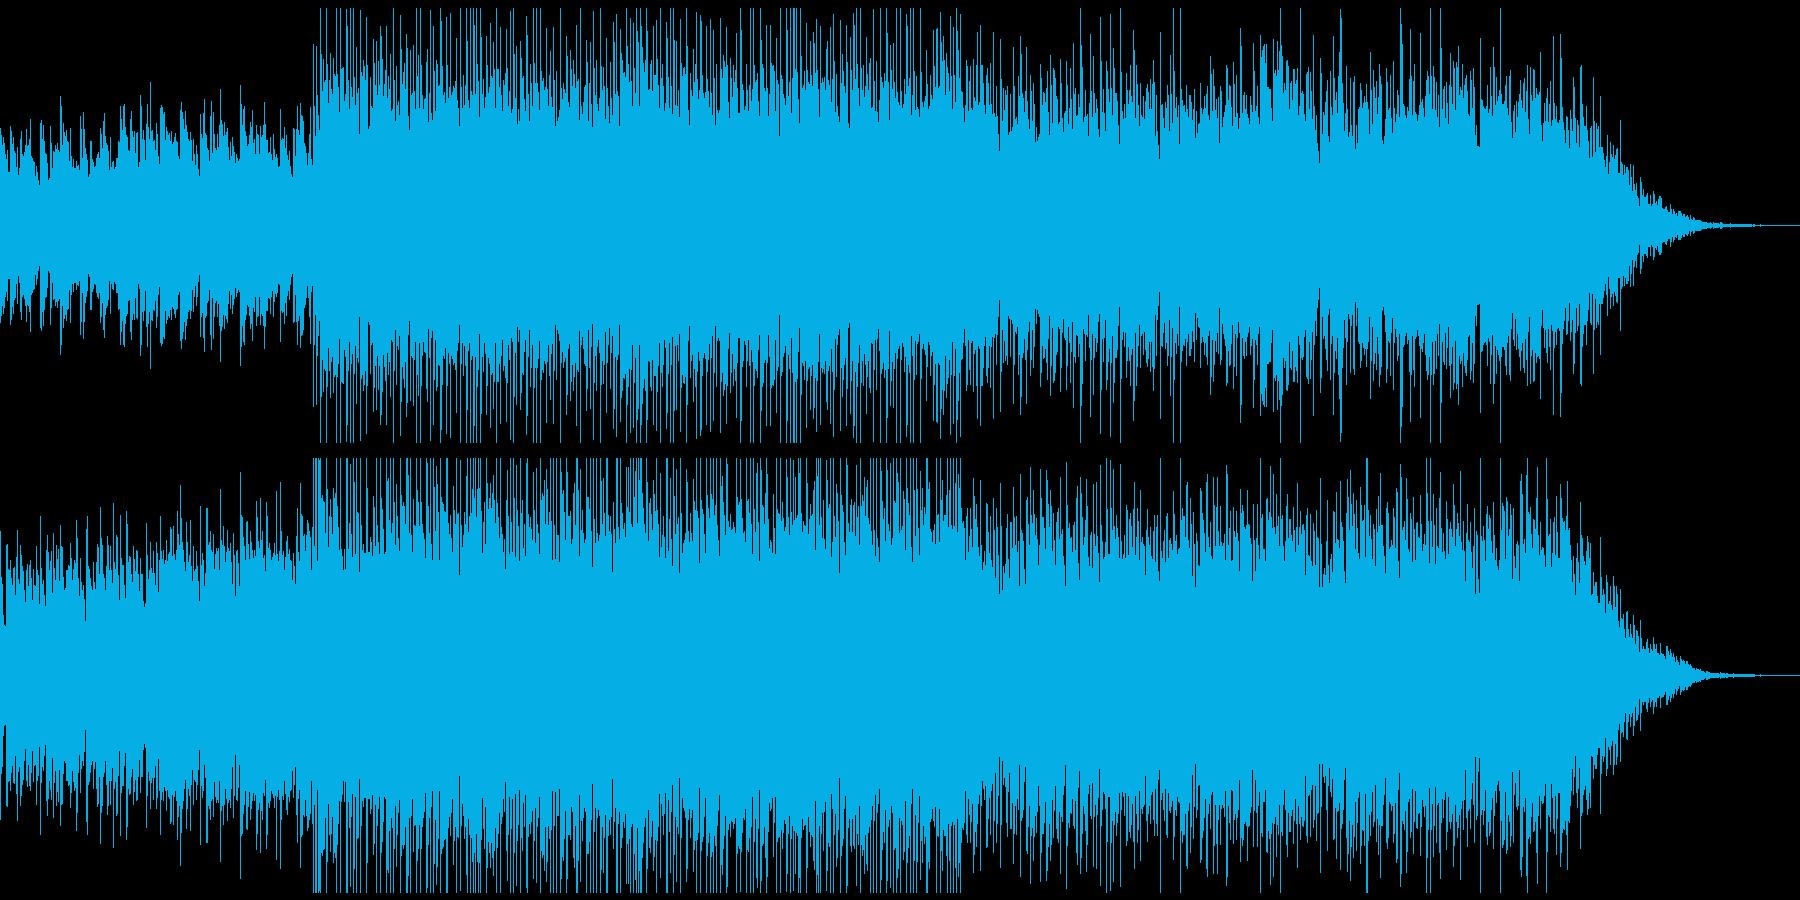 ピアノがきらきら綺麗なBGM2−2の再生済みの波形